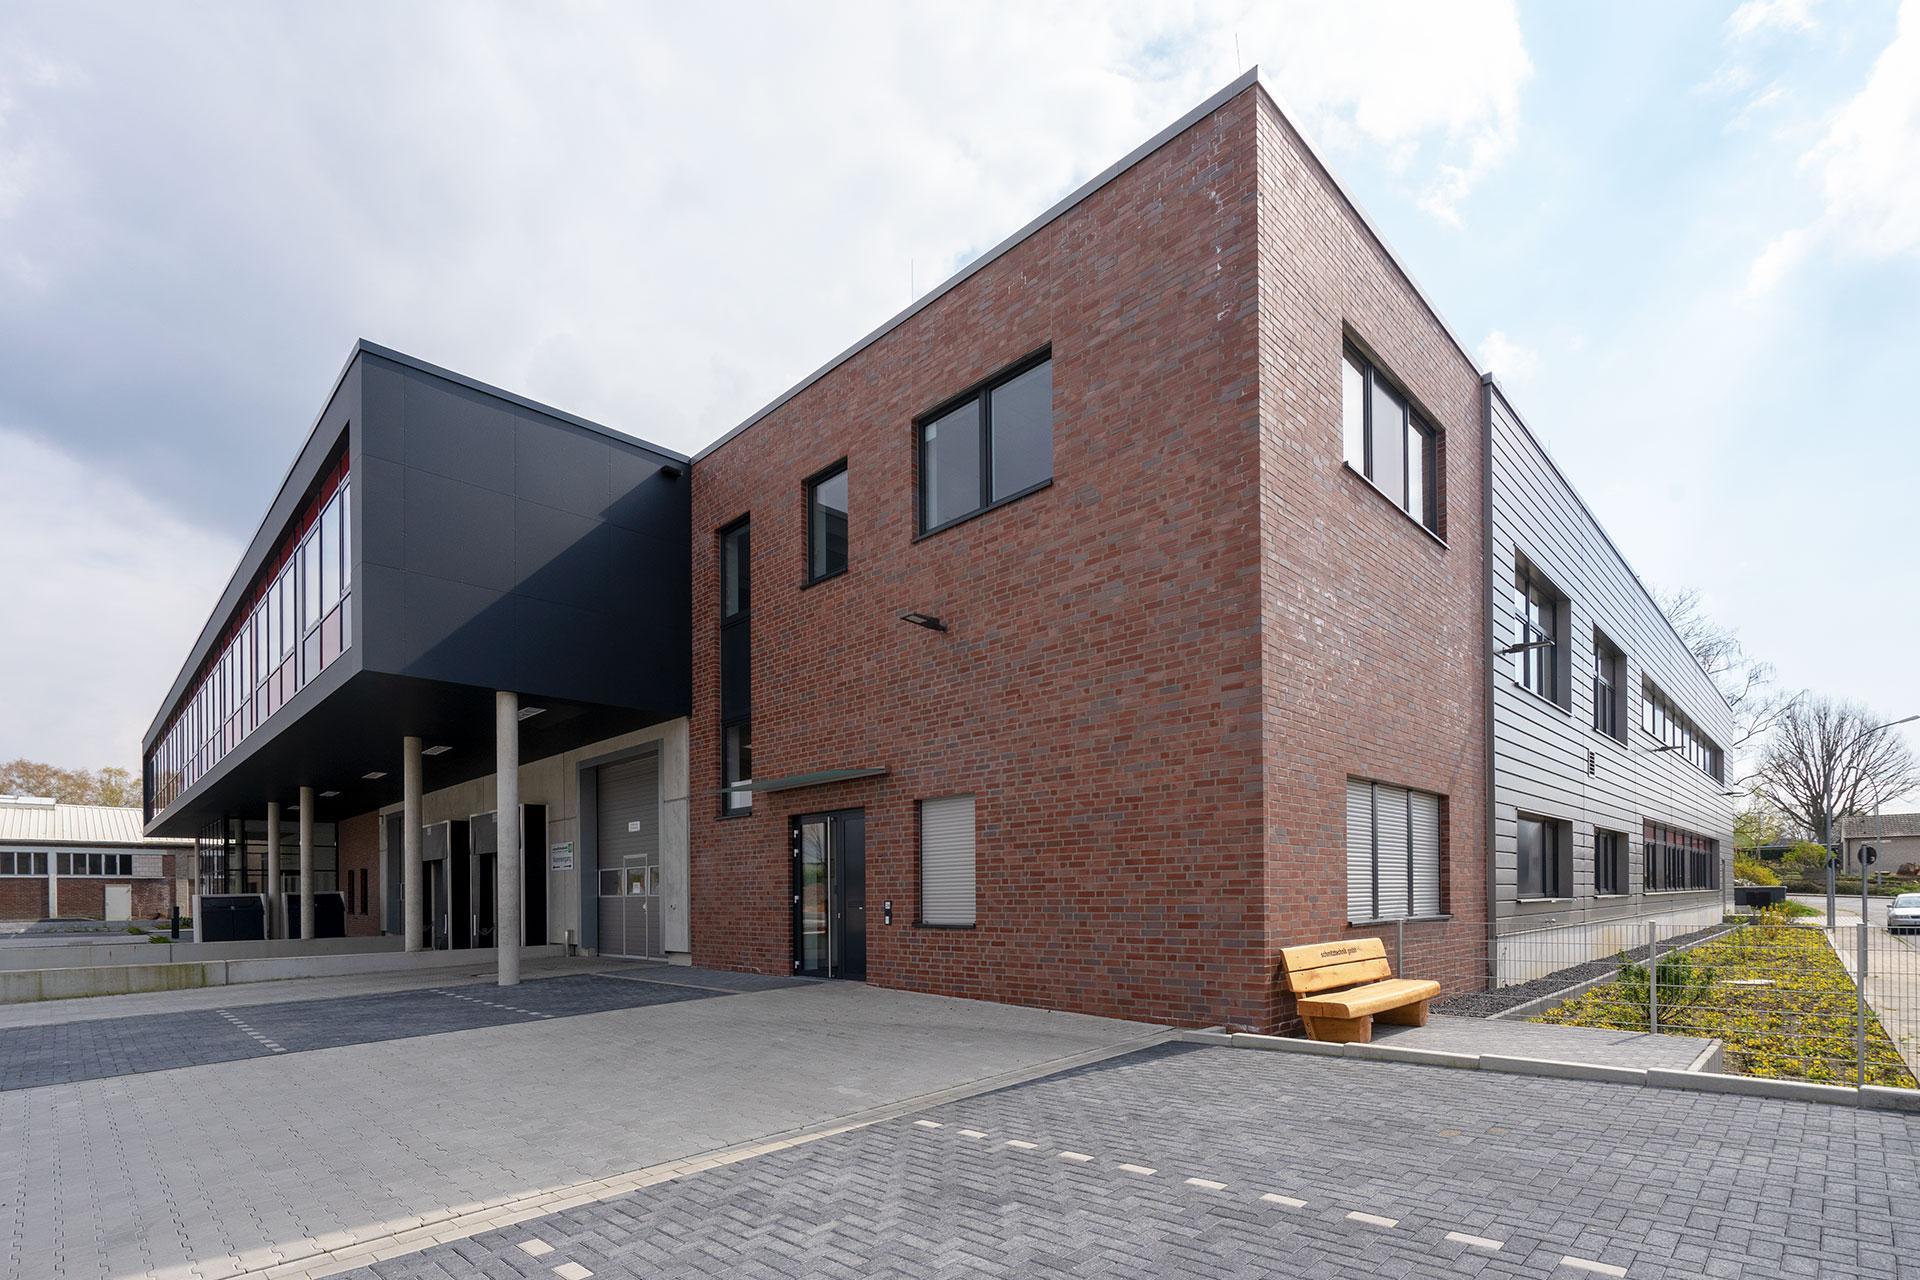 Schmitztechnik gmbh Kunststoffunternehmen Mönchengladbach